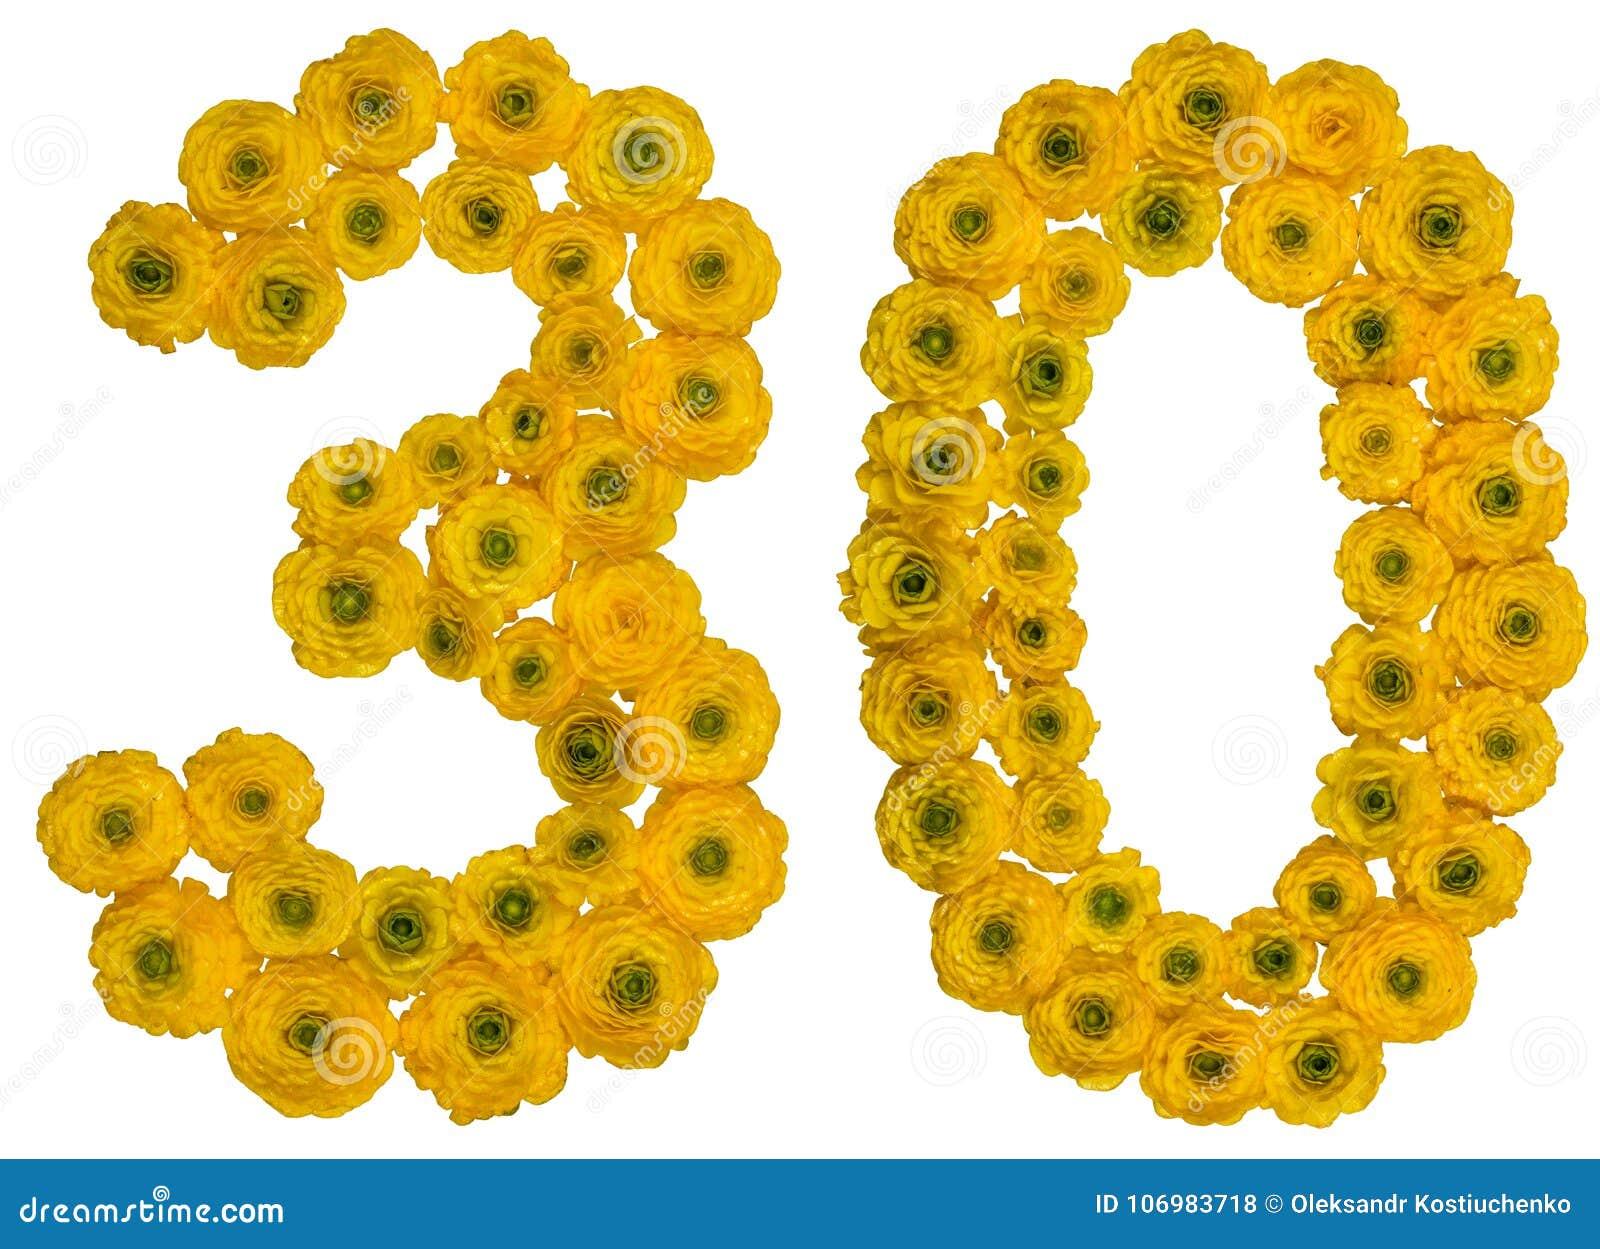 Numeral árabe 30, trinta, das flores amarelas do botão de ouro, iso